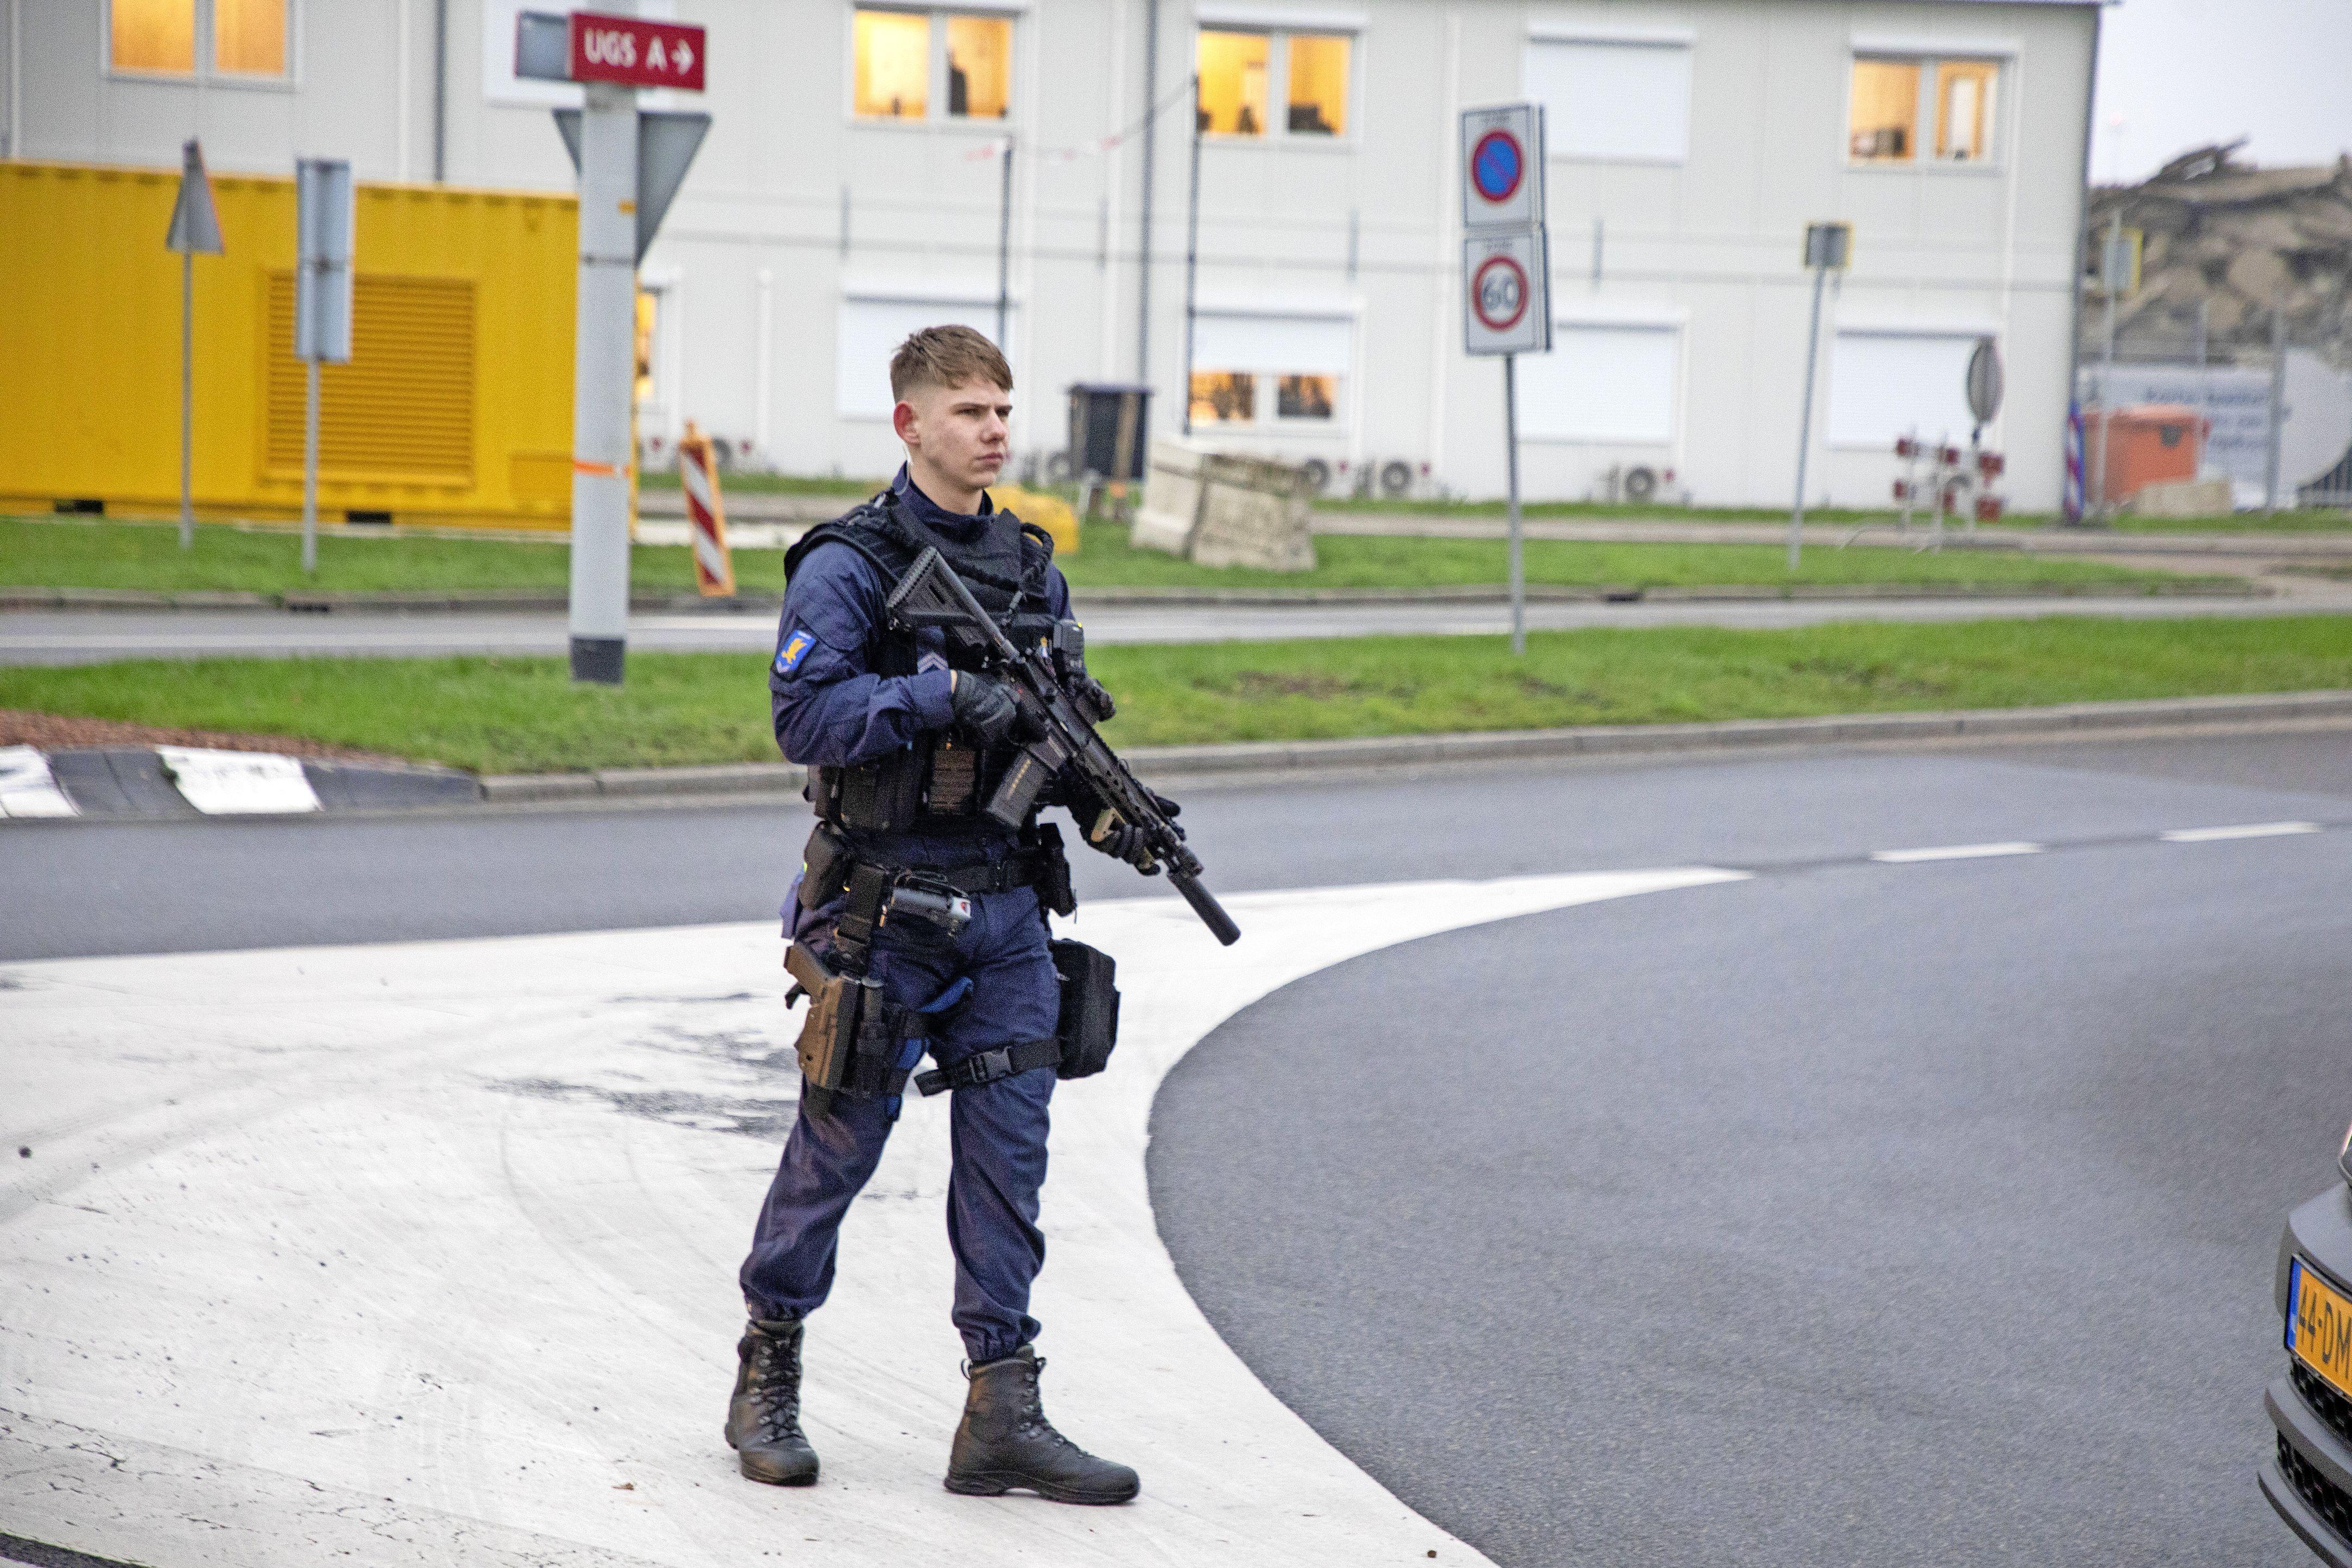 Kattenliefhebber deed bommelding op Schiphol om niet naar Rusland te worden uitgezet, man kaapte ooit vliegtuig om in VS te komen